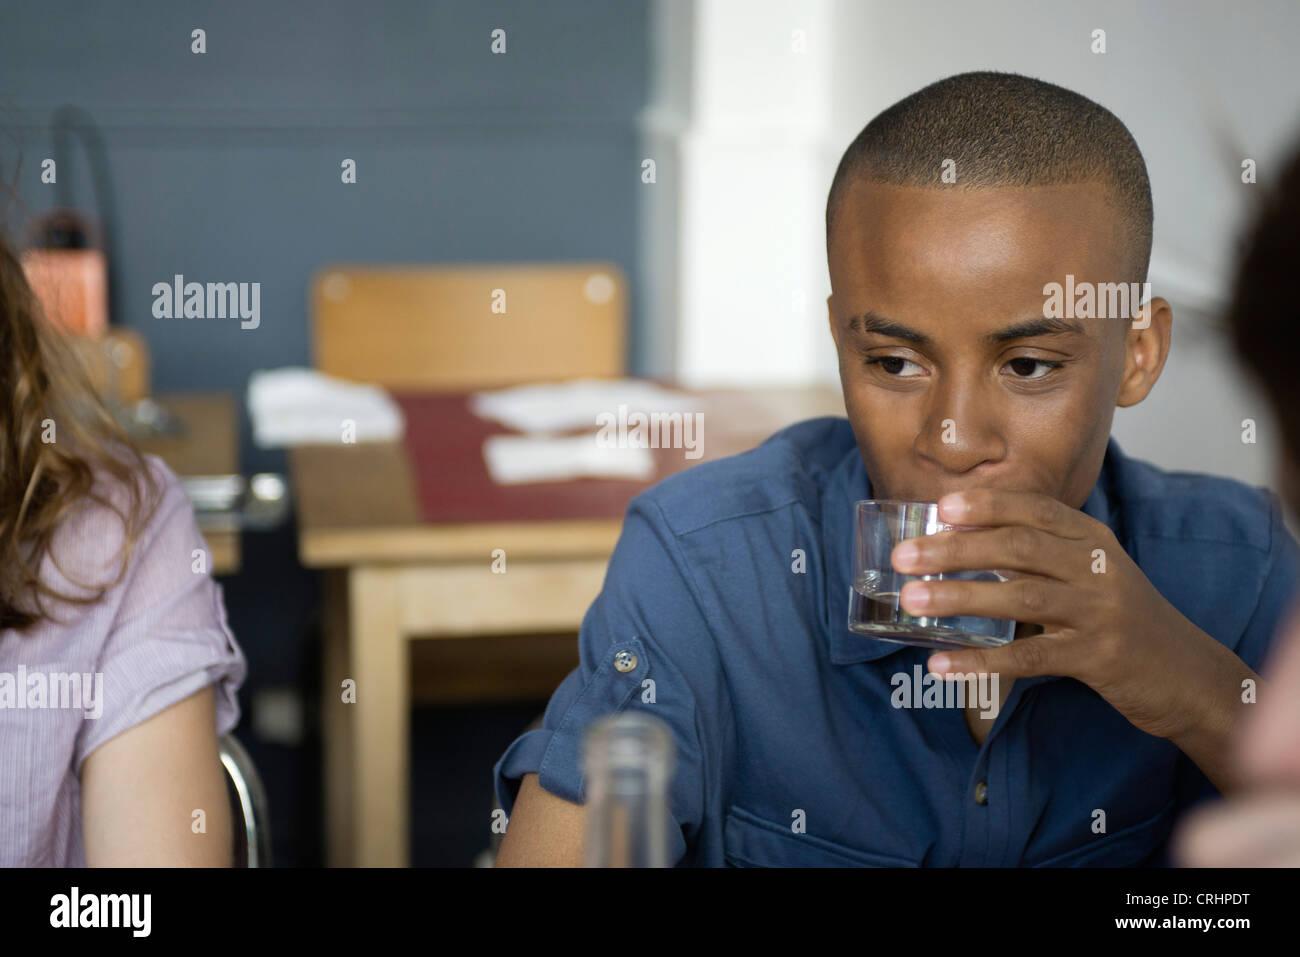 Joven tomando una bebida en la cafetería Imagen De Stock